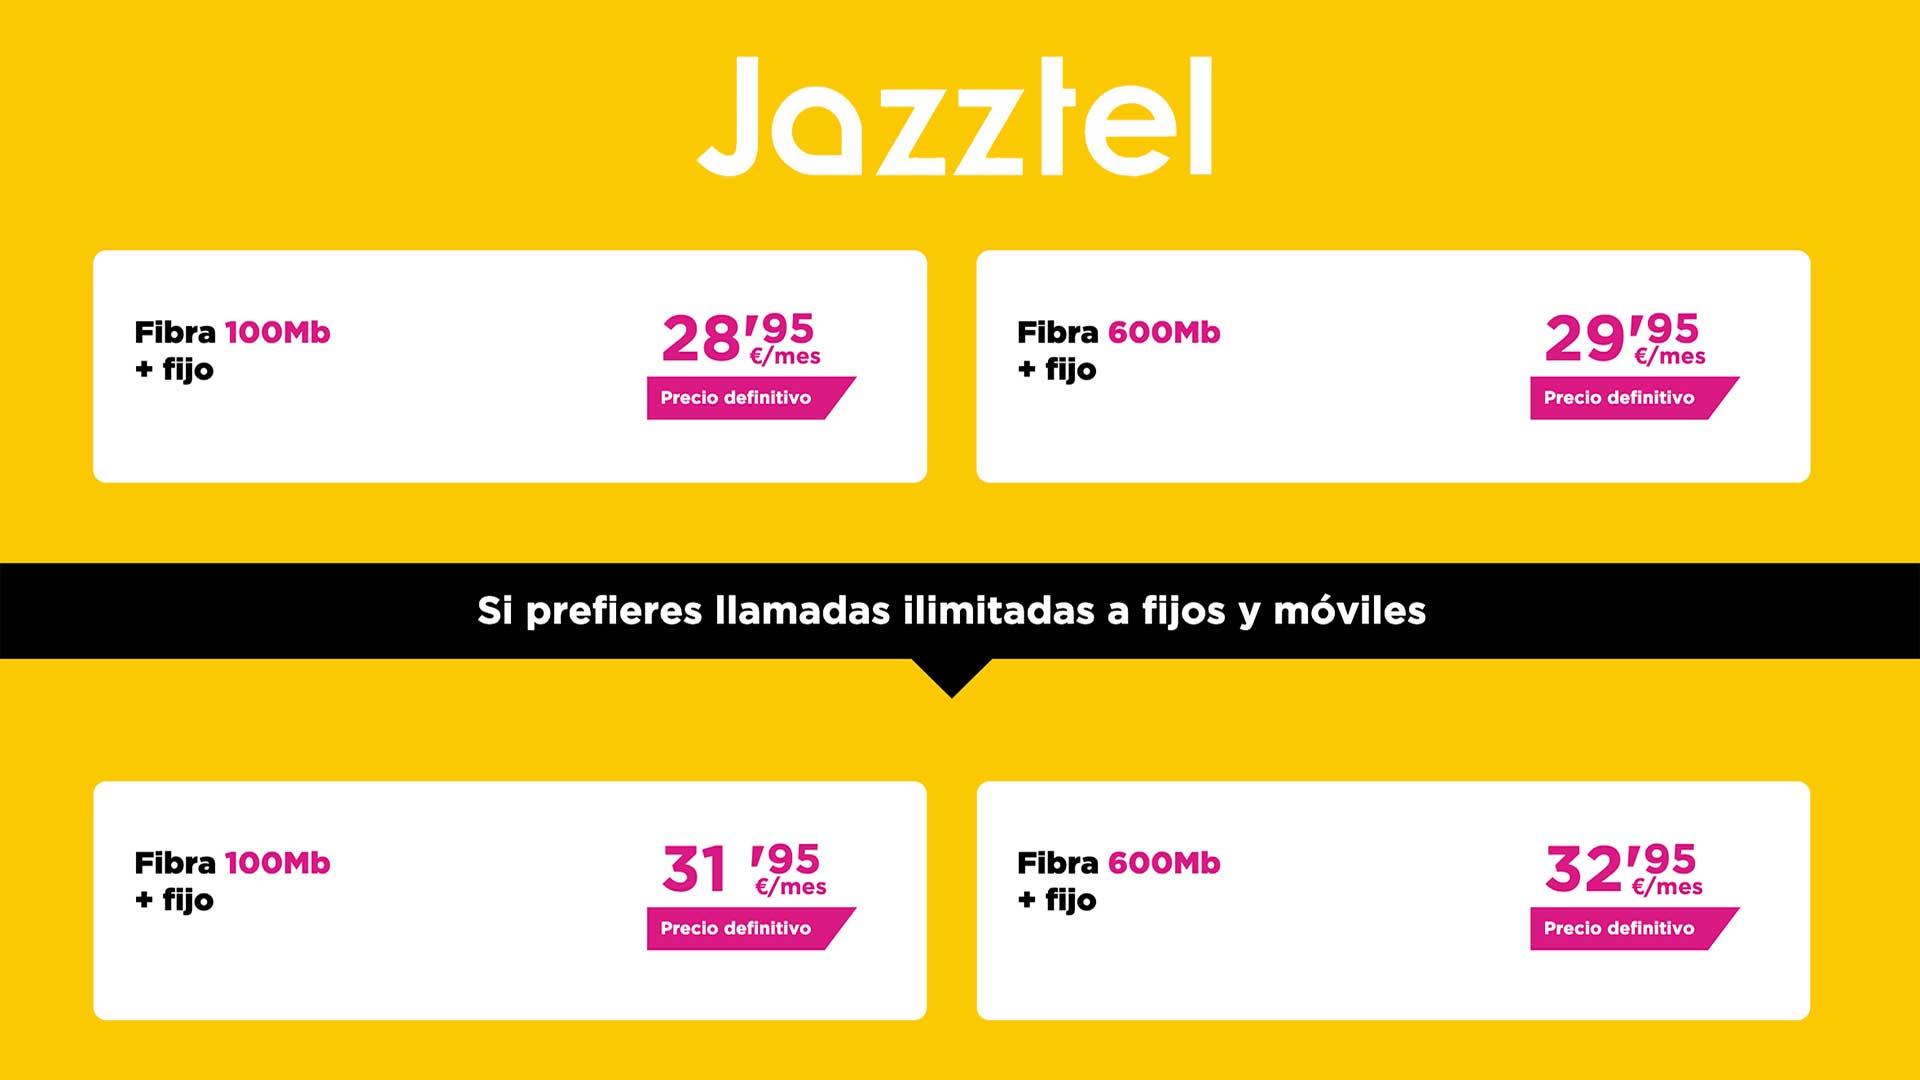 Jazztel nuevas tarifas solo fibra, agosto 2020